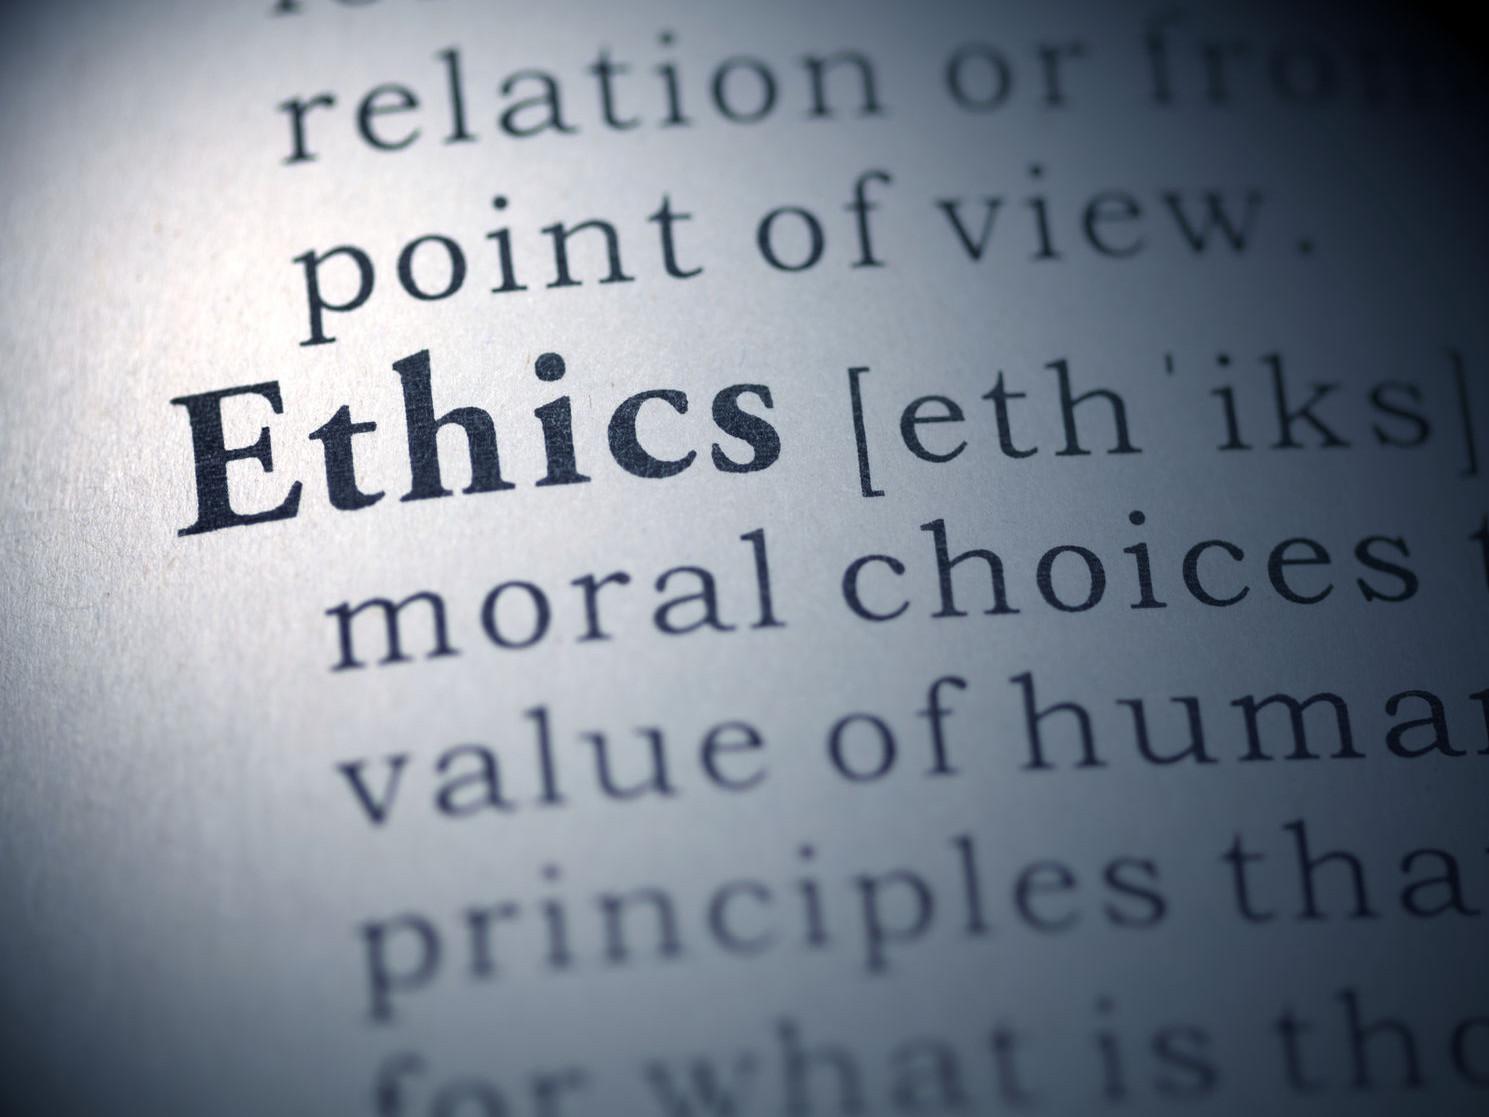 ethics VR